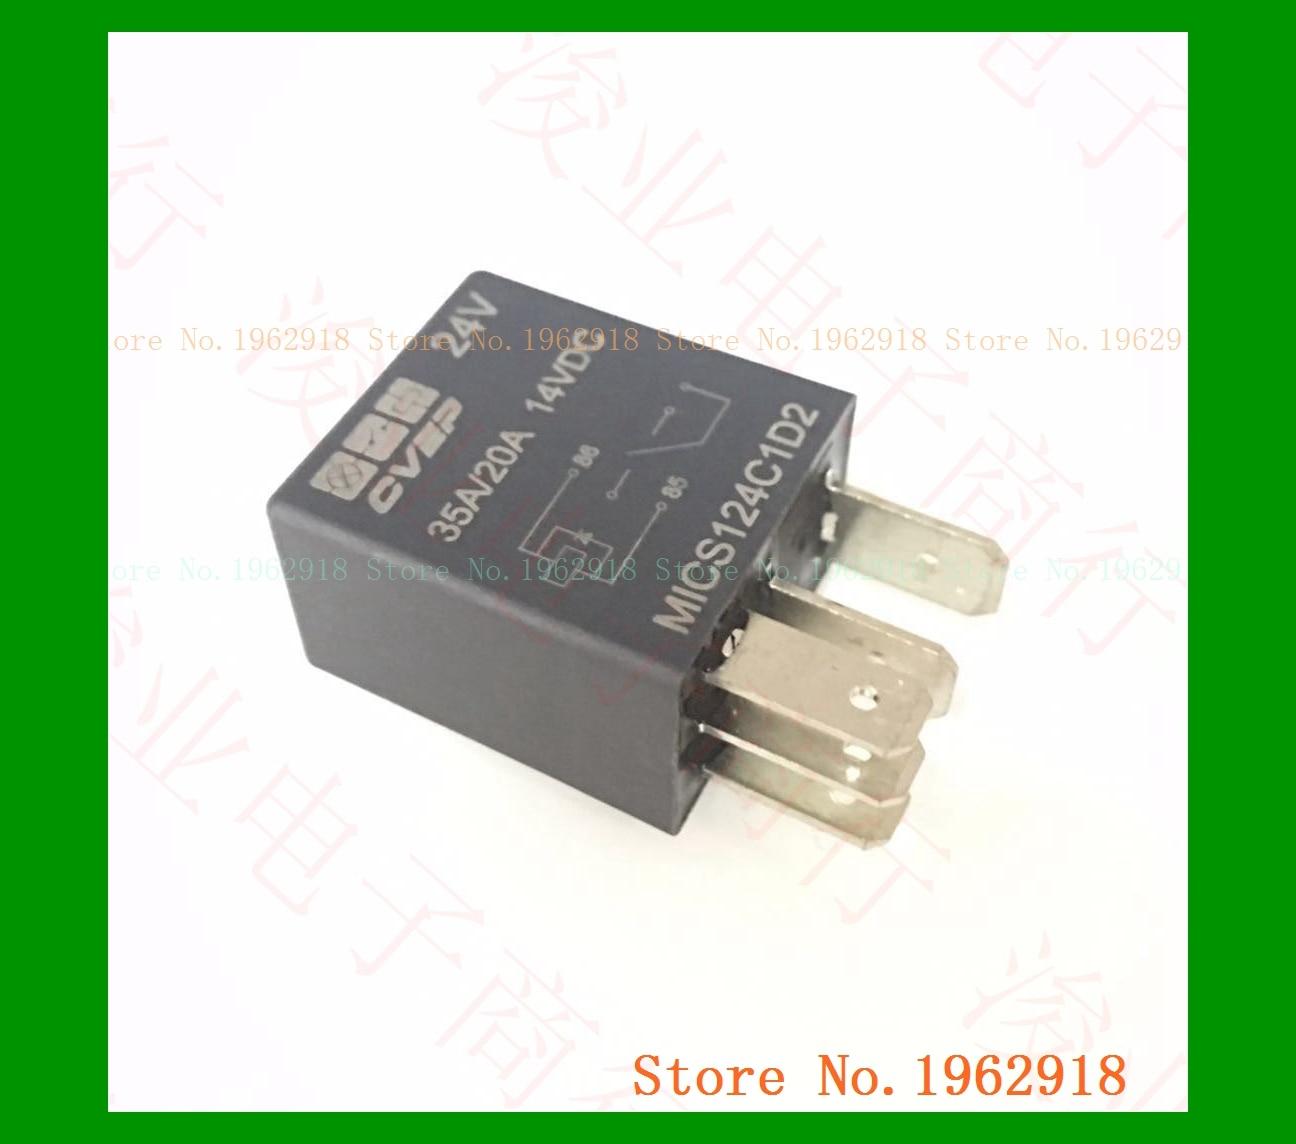 MICS124C1D2 5 V 24V 35A 24VDC